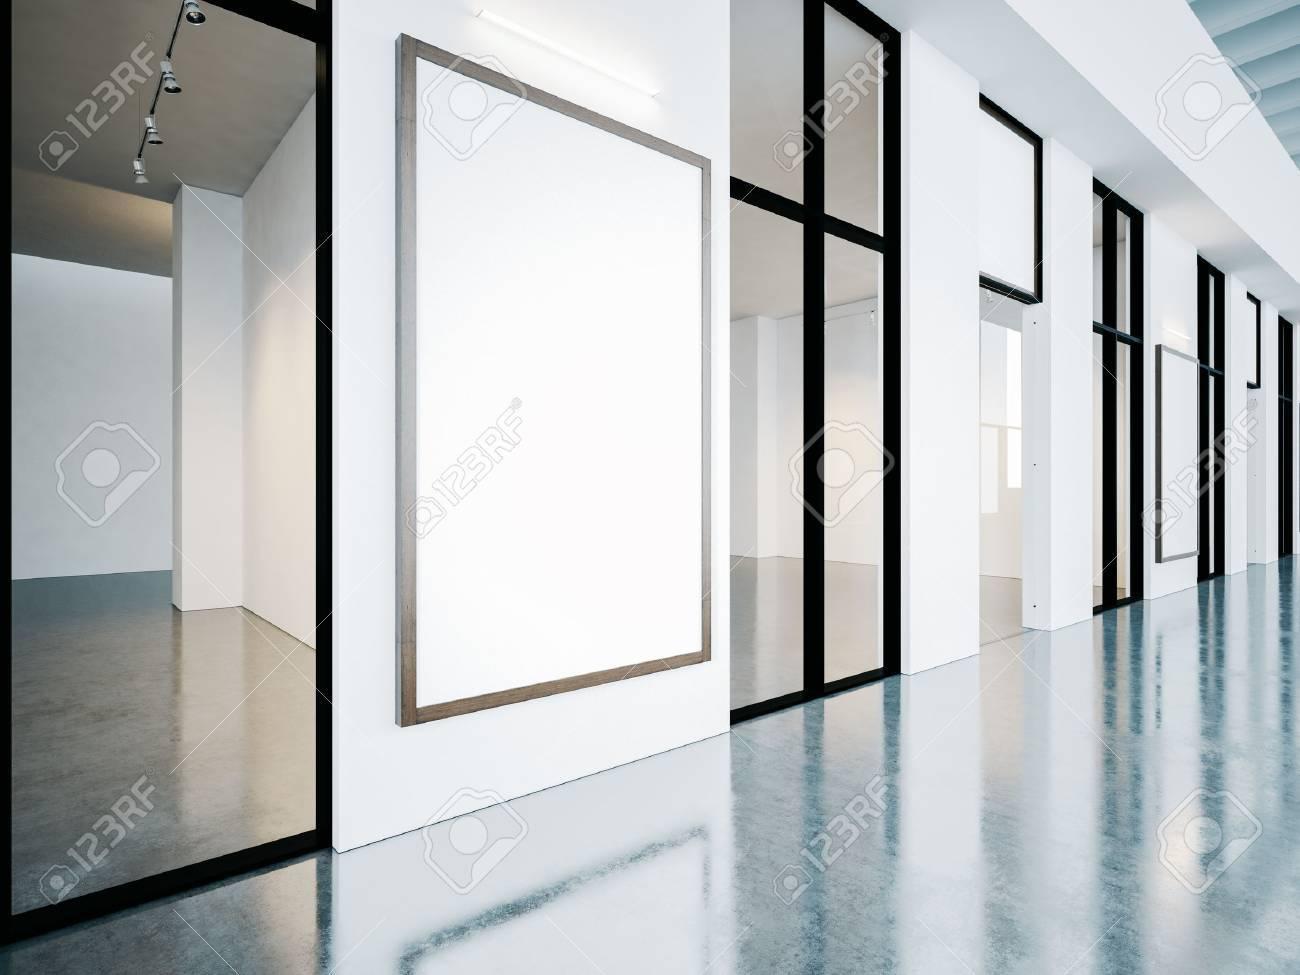 Habitaciones Vacías En Galería Contemporánea Con Marcos En Blanco ...